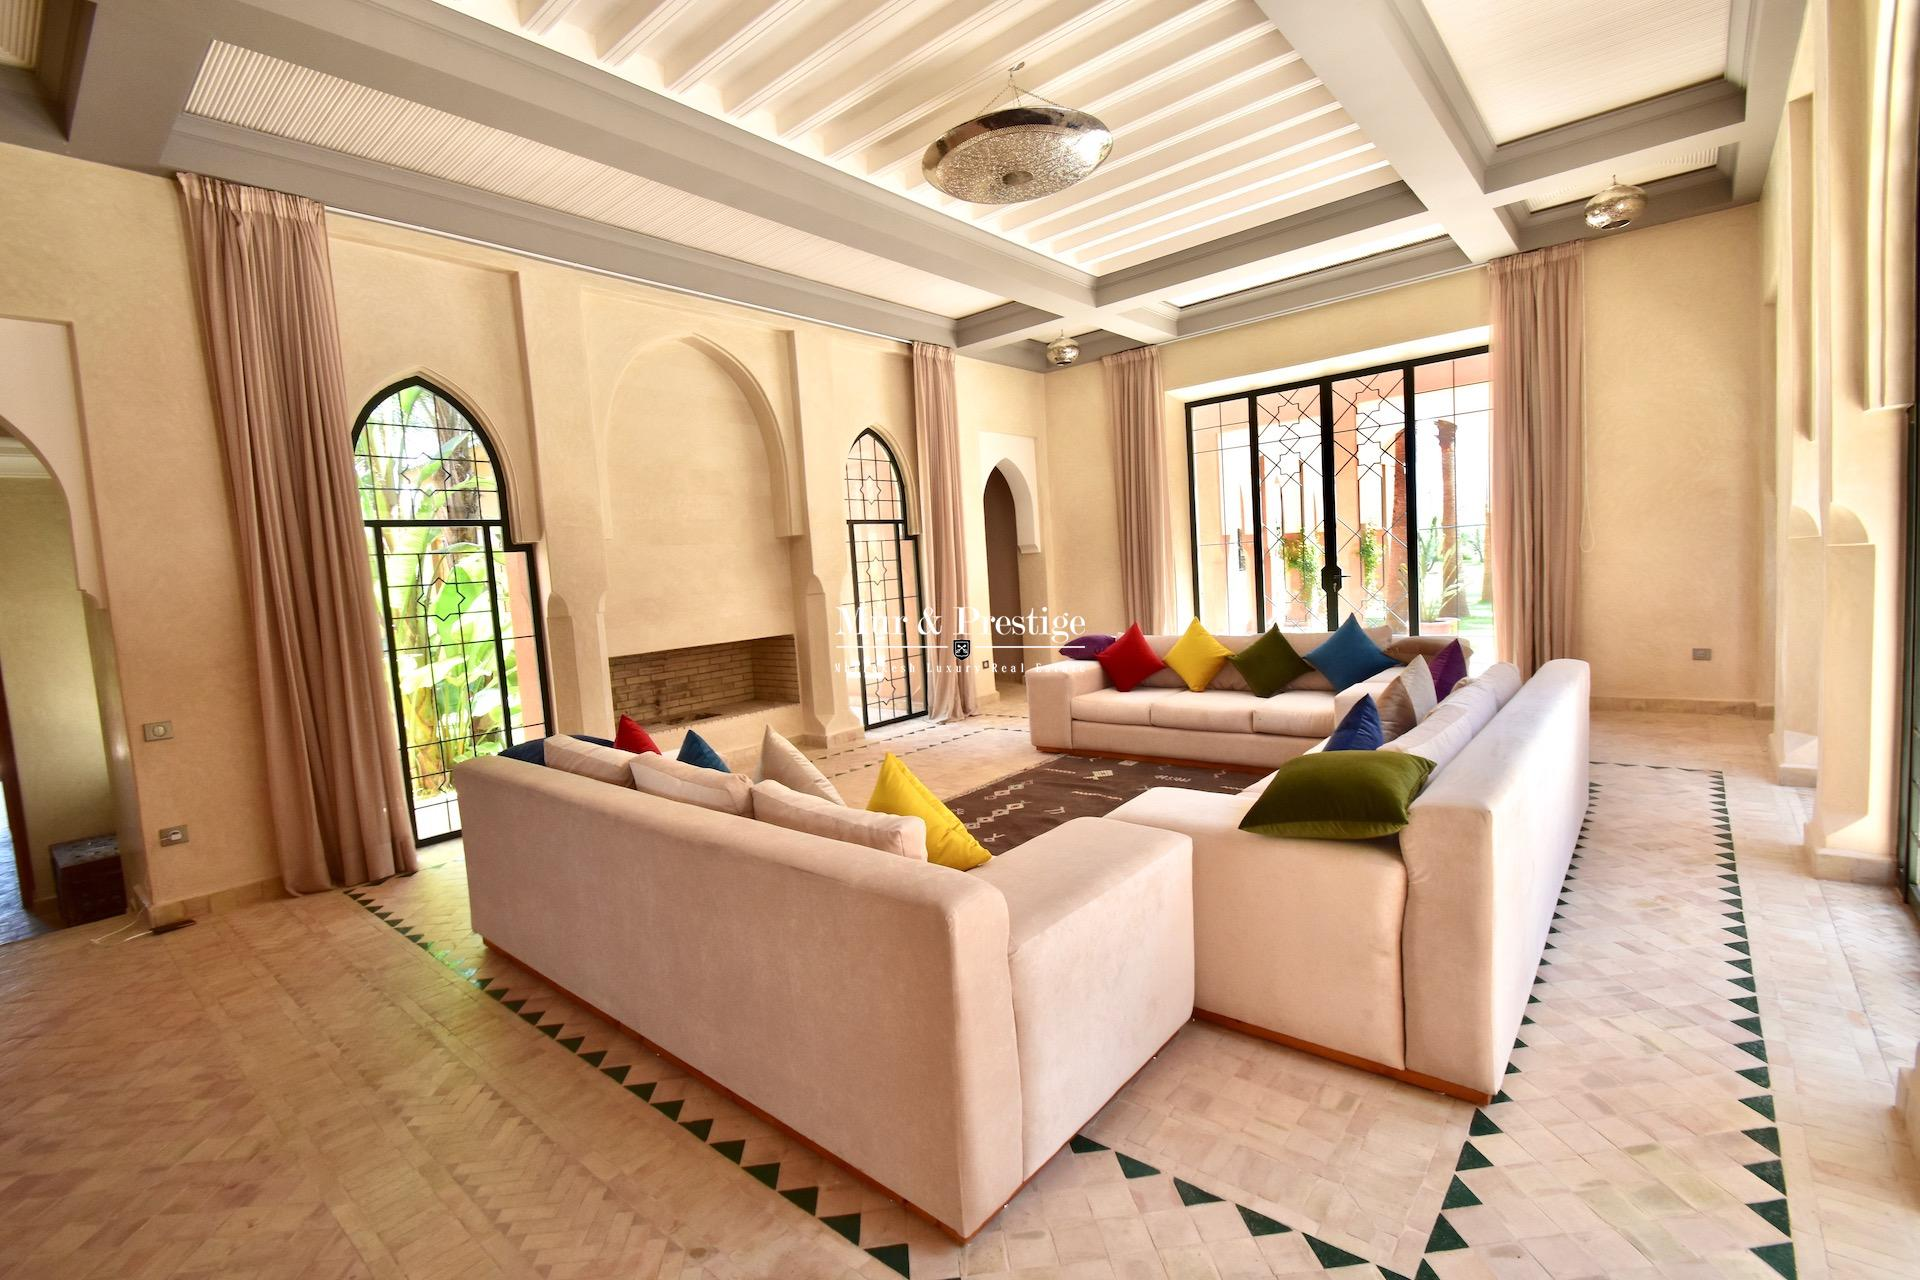 Maison de caract�re � vendre � Marrakech